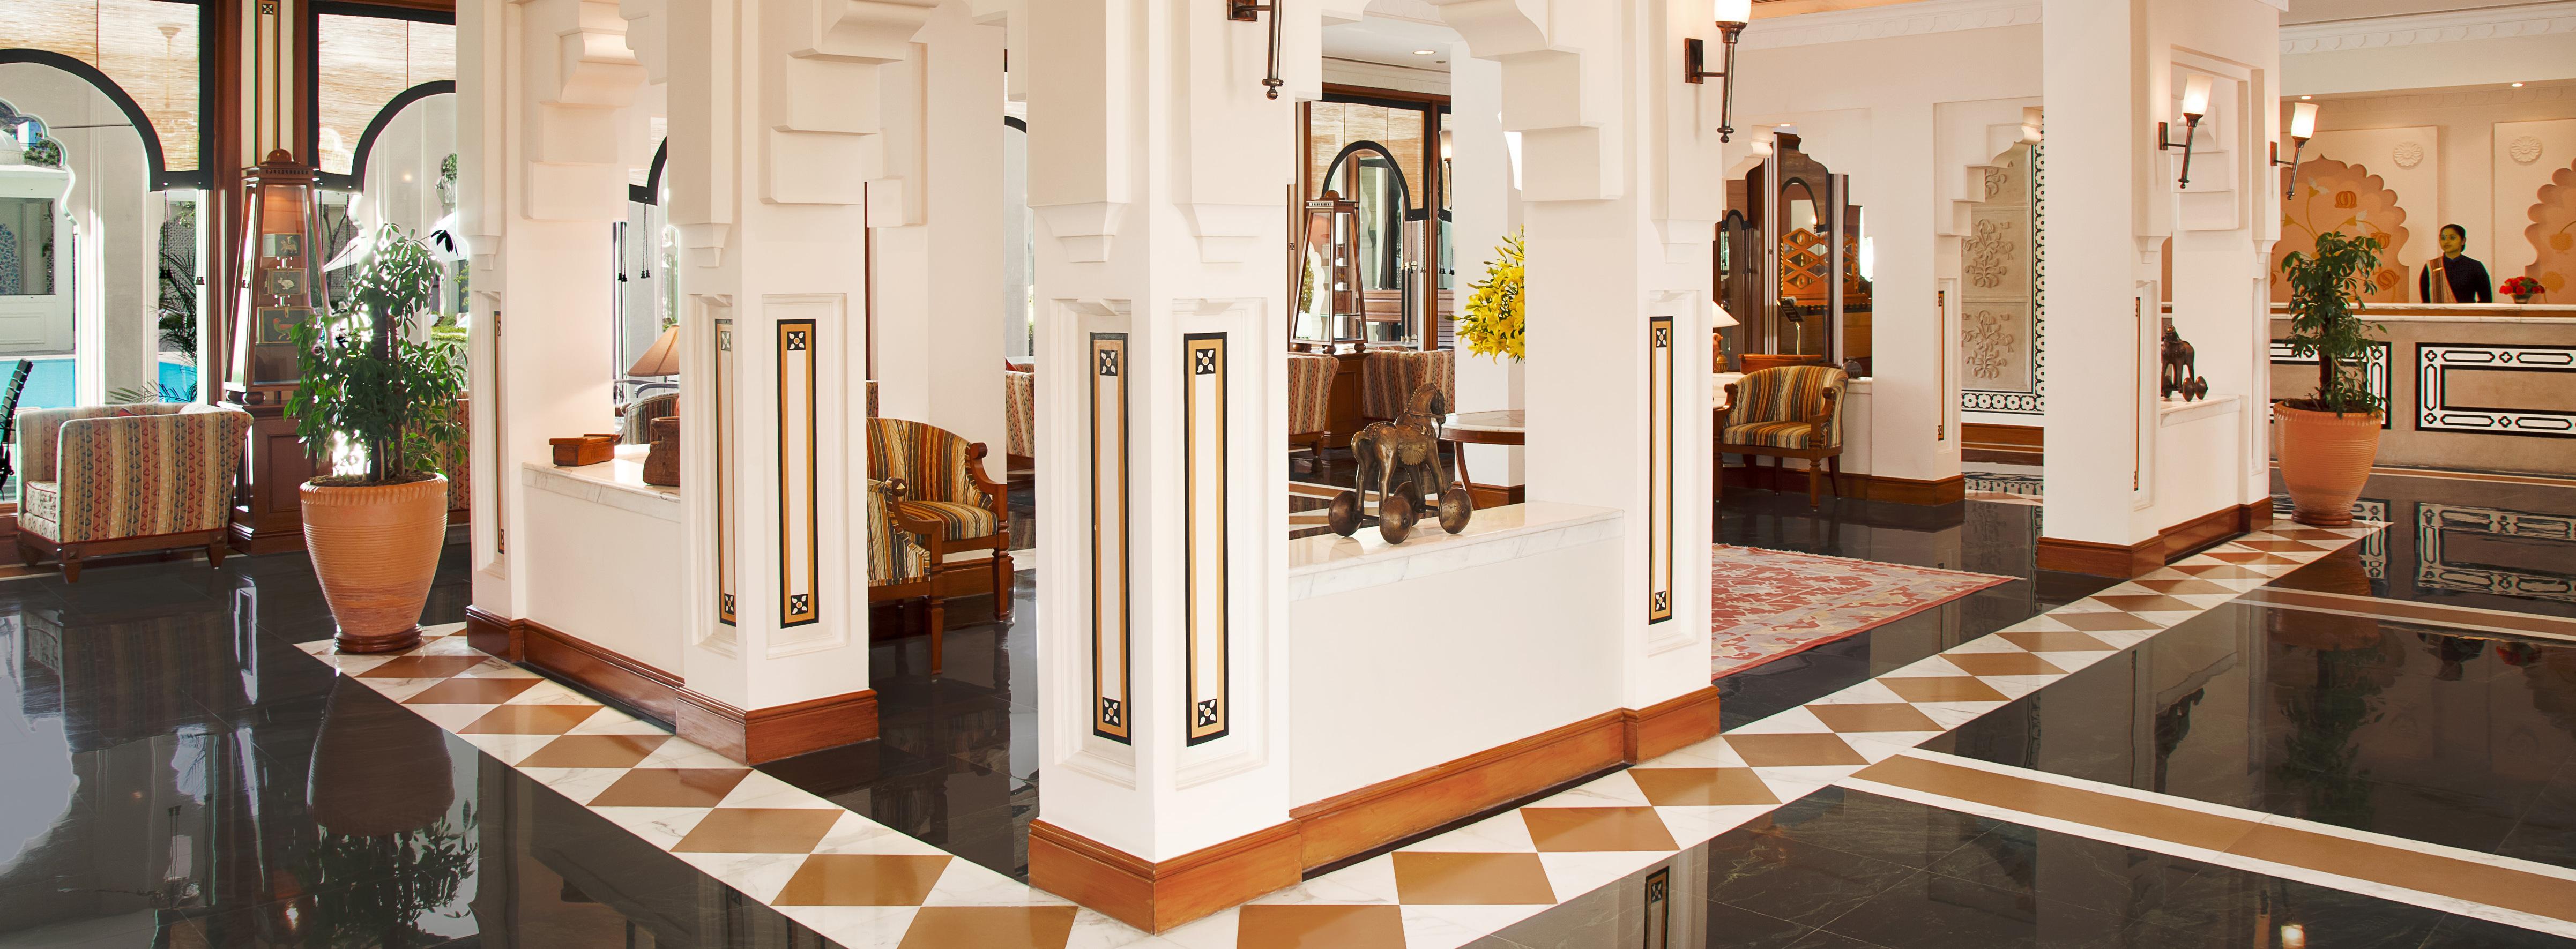 the-trident-jaipur-lobby